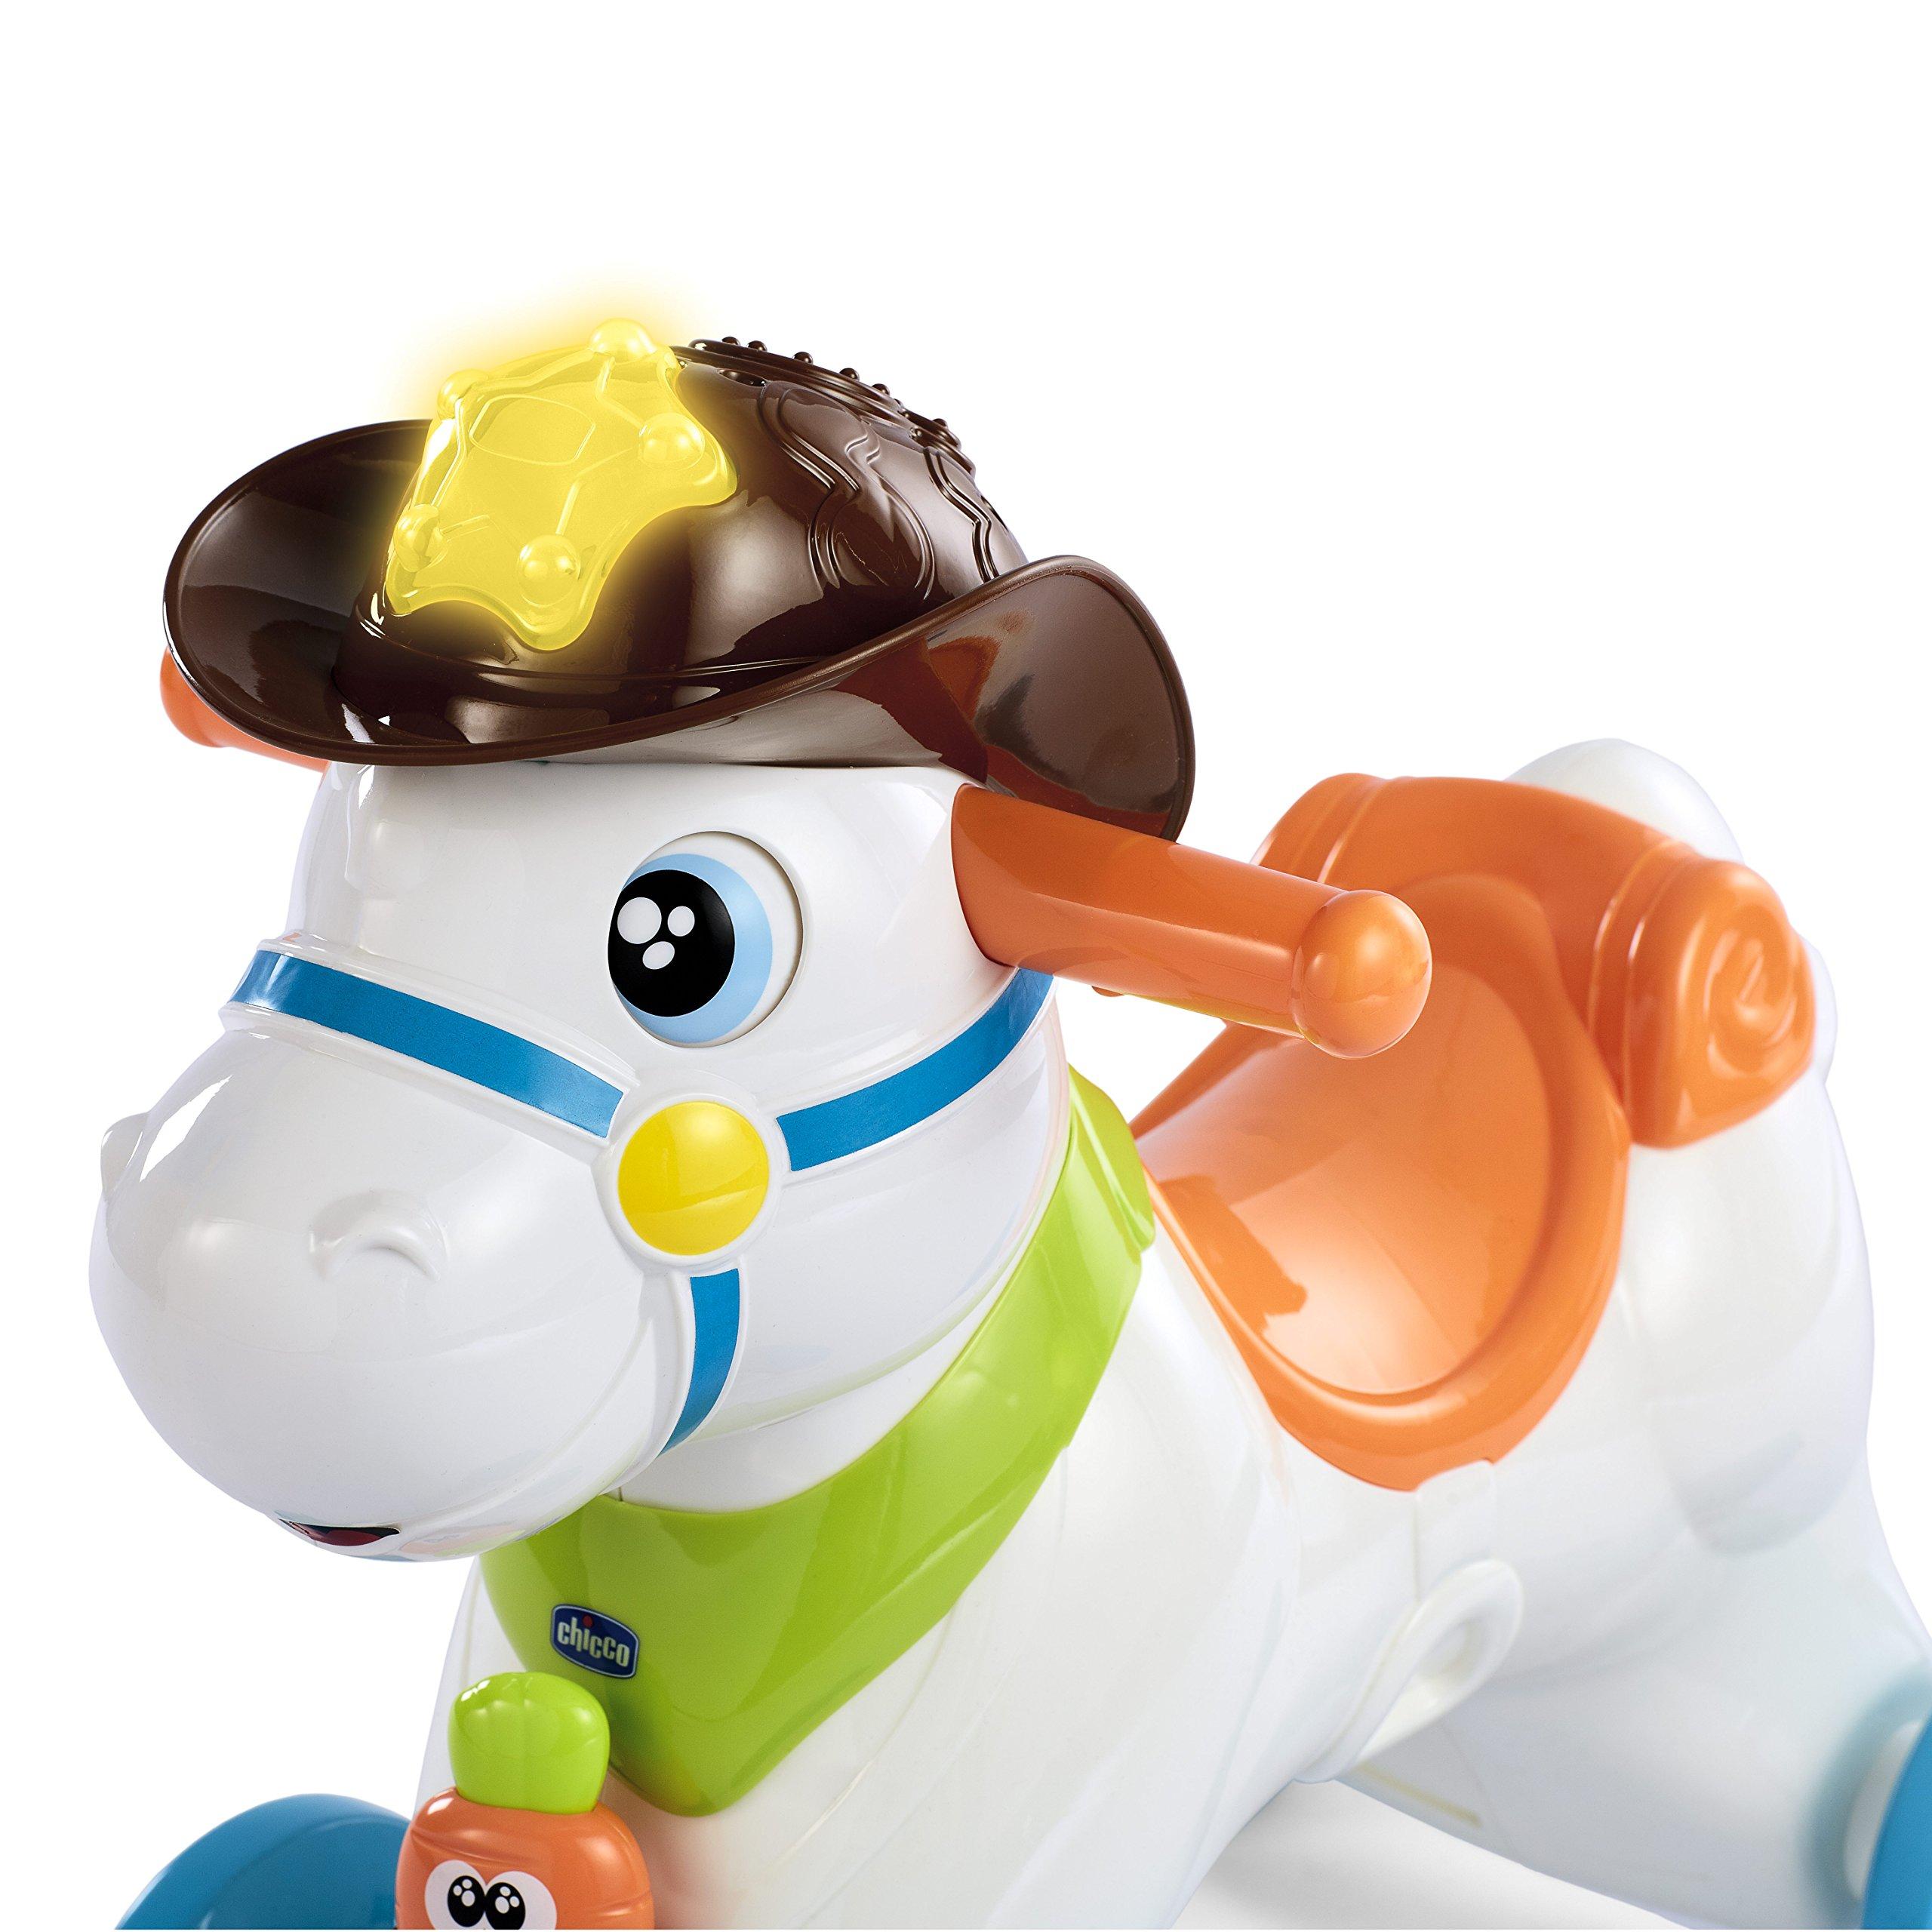 Cavallo Cavalcabile Chicco.Chicco Rodeo Cavallo A Dondolo Gioco Interattivo Cavalcabile Adatto Da 1 Anno 30 X 58 X 64 Cm